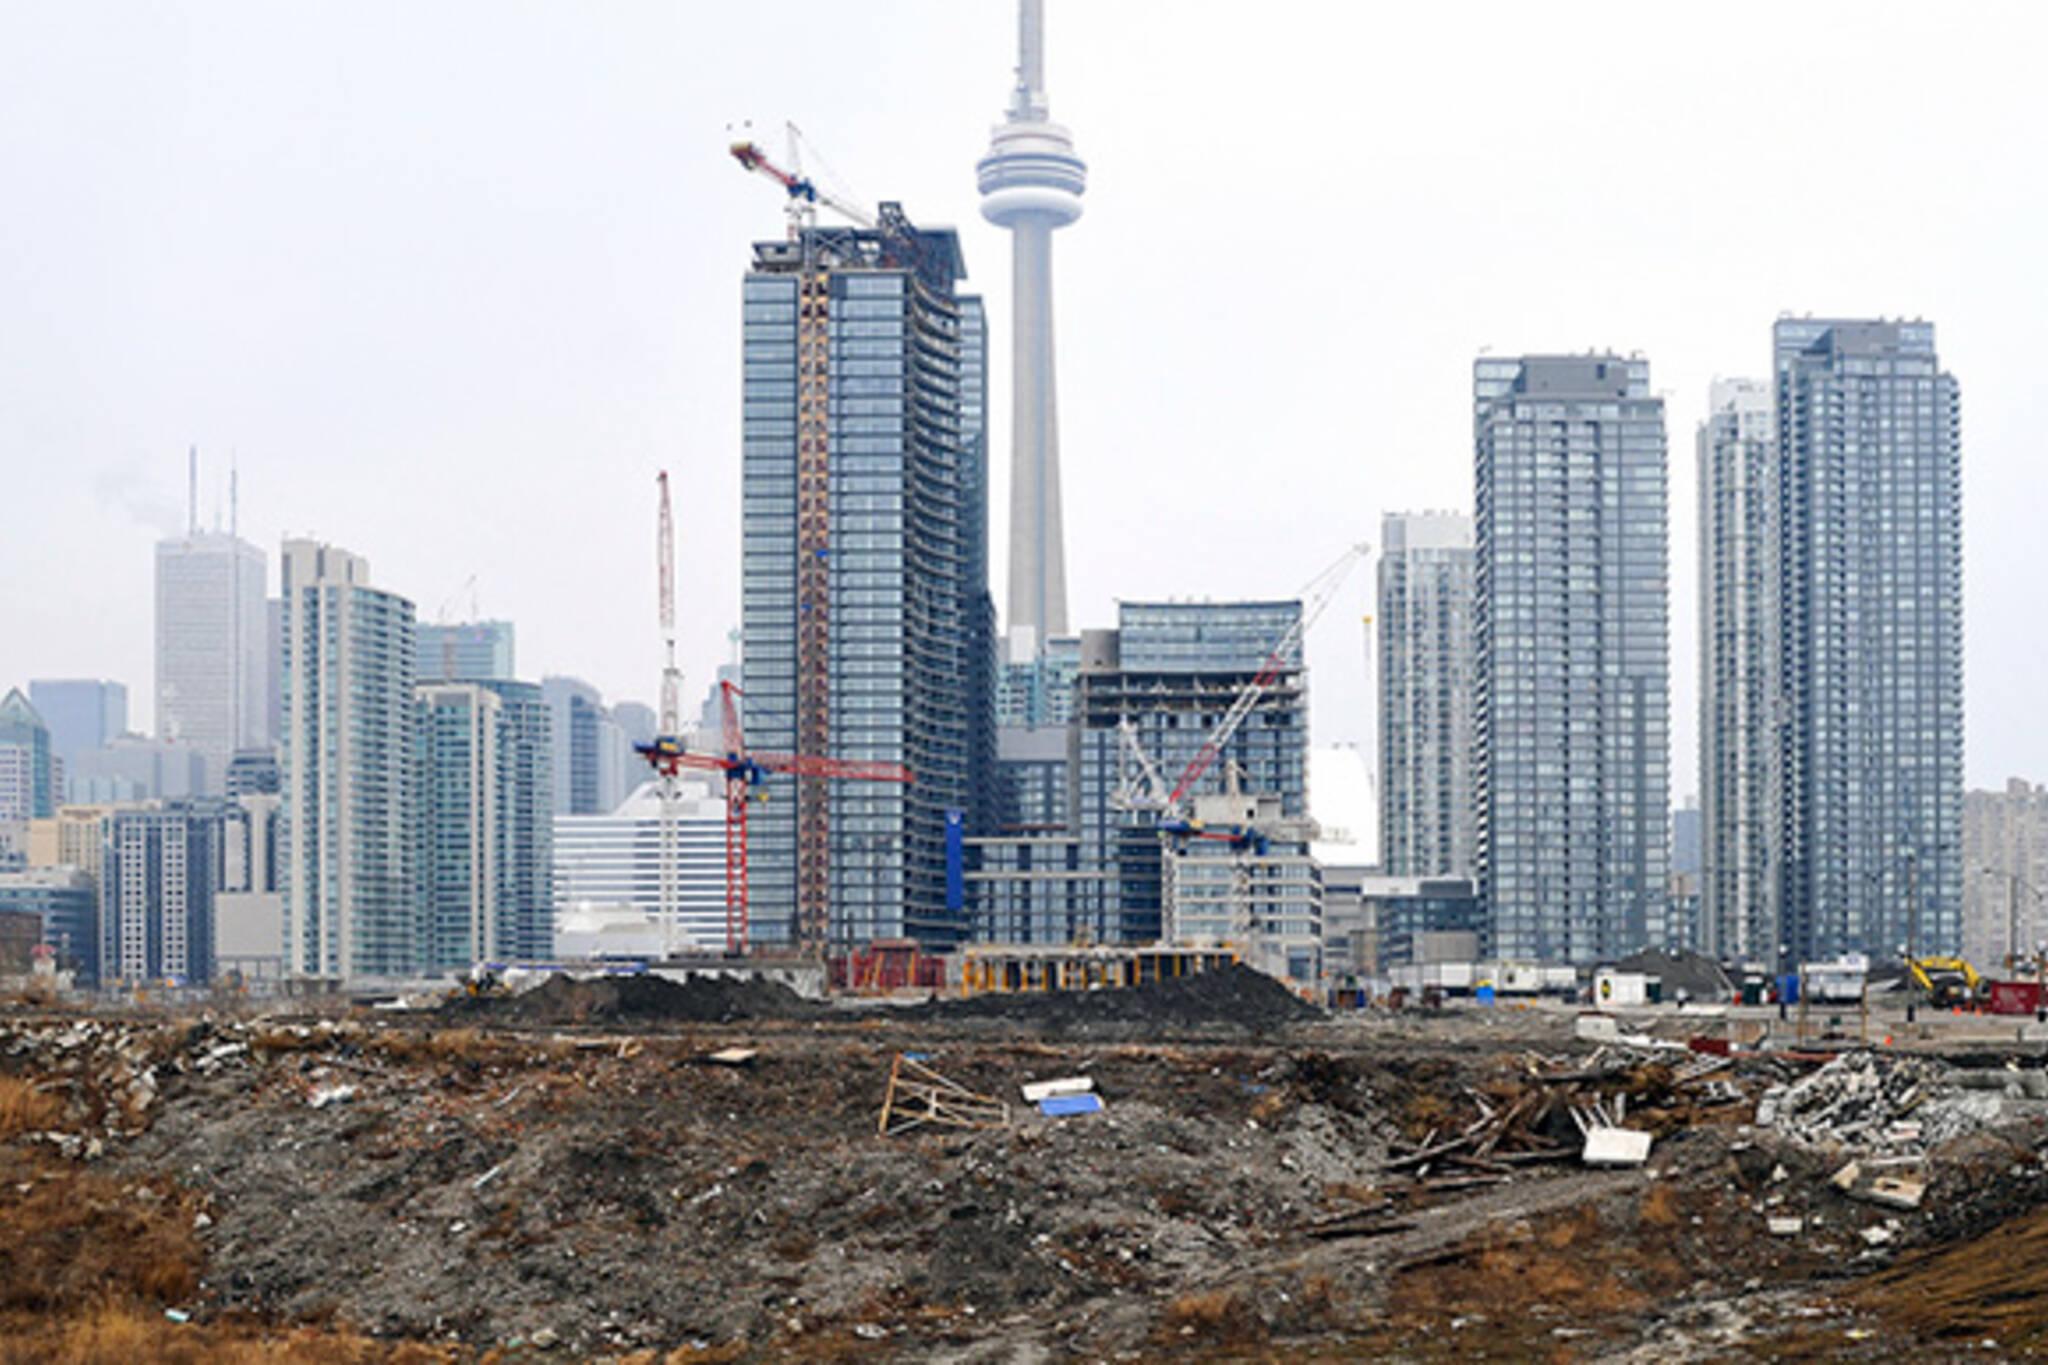 Toronto condo market